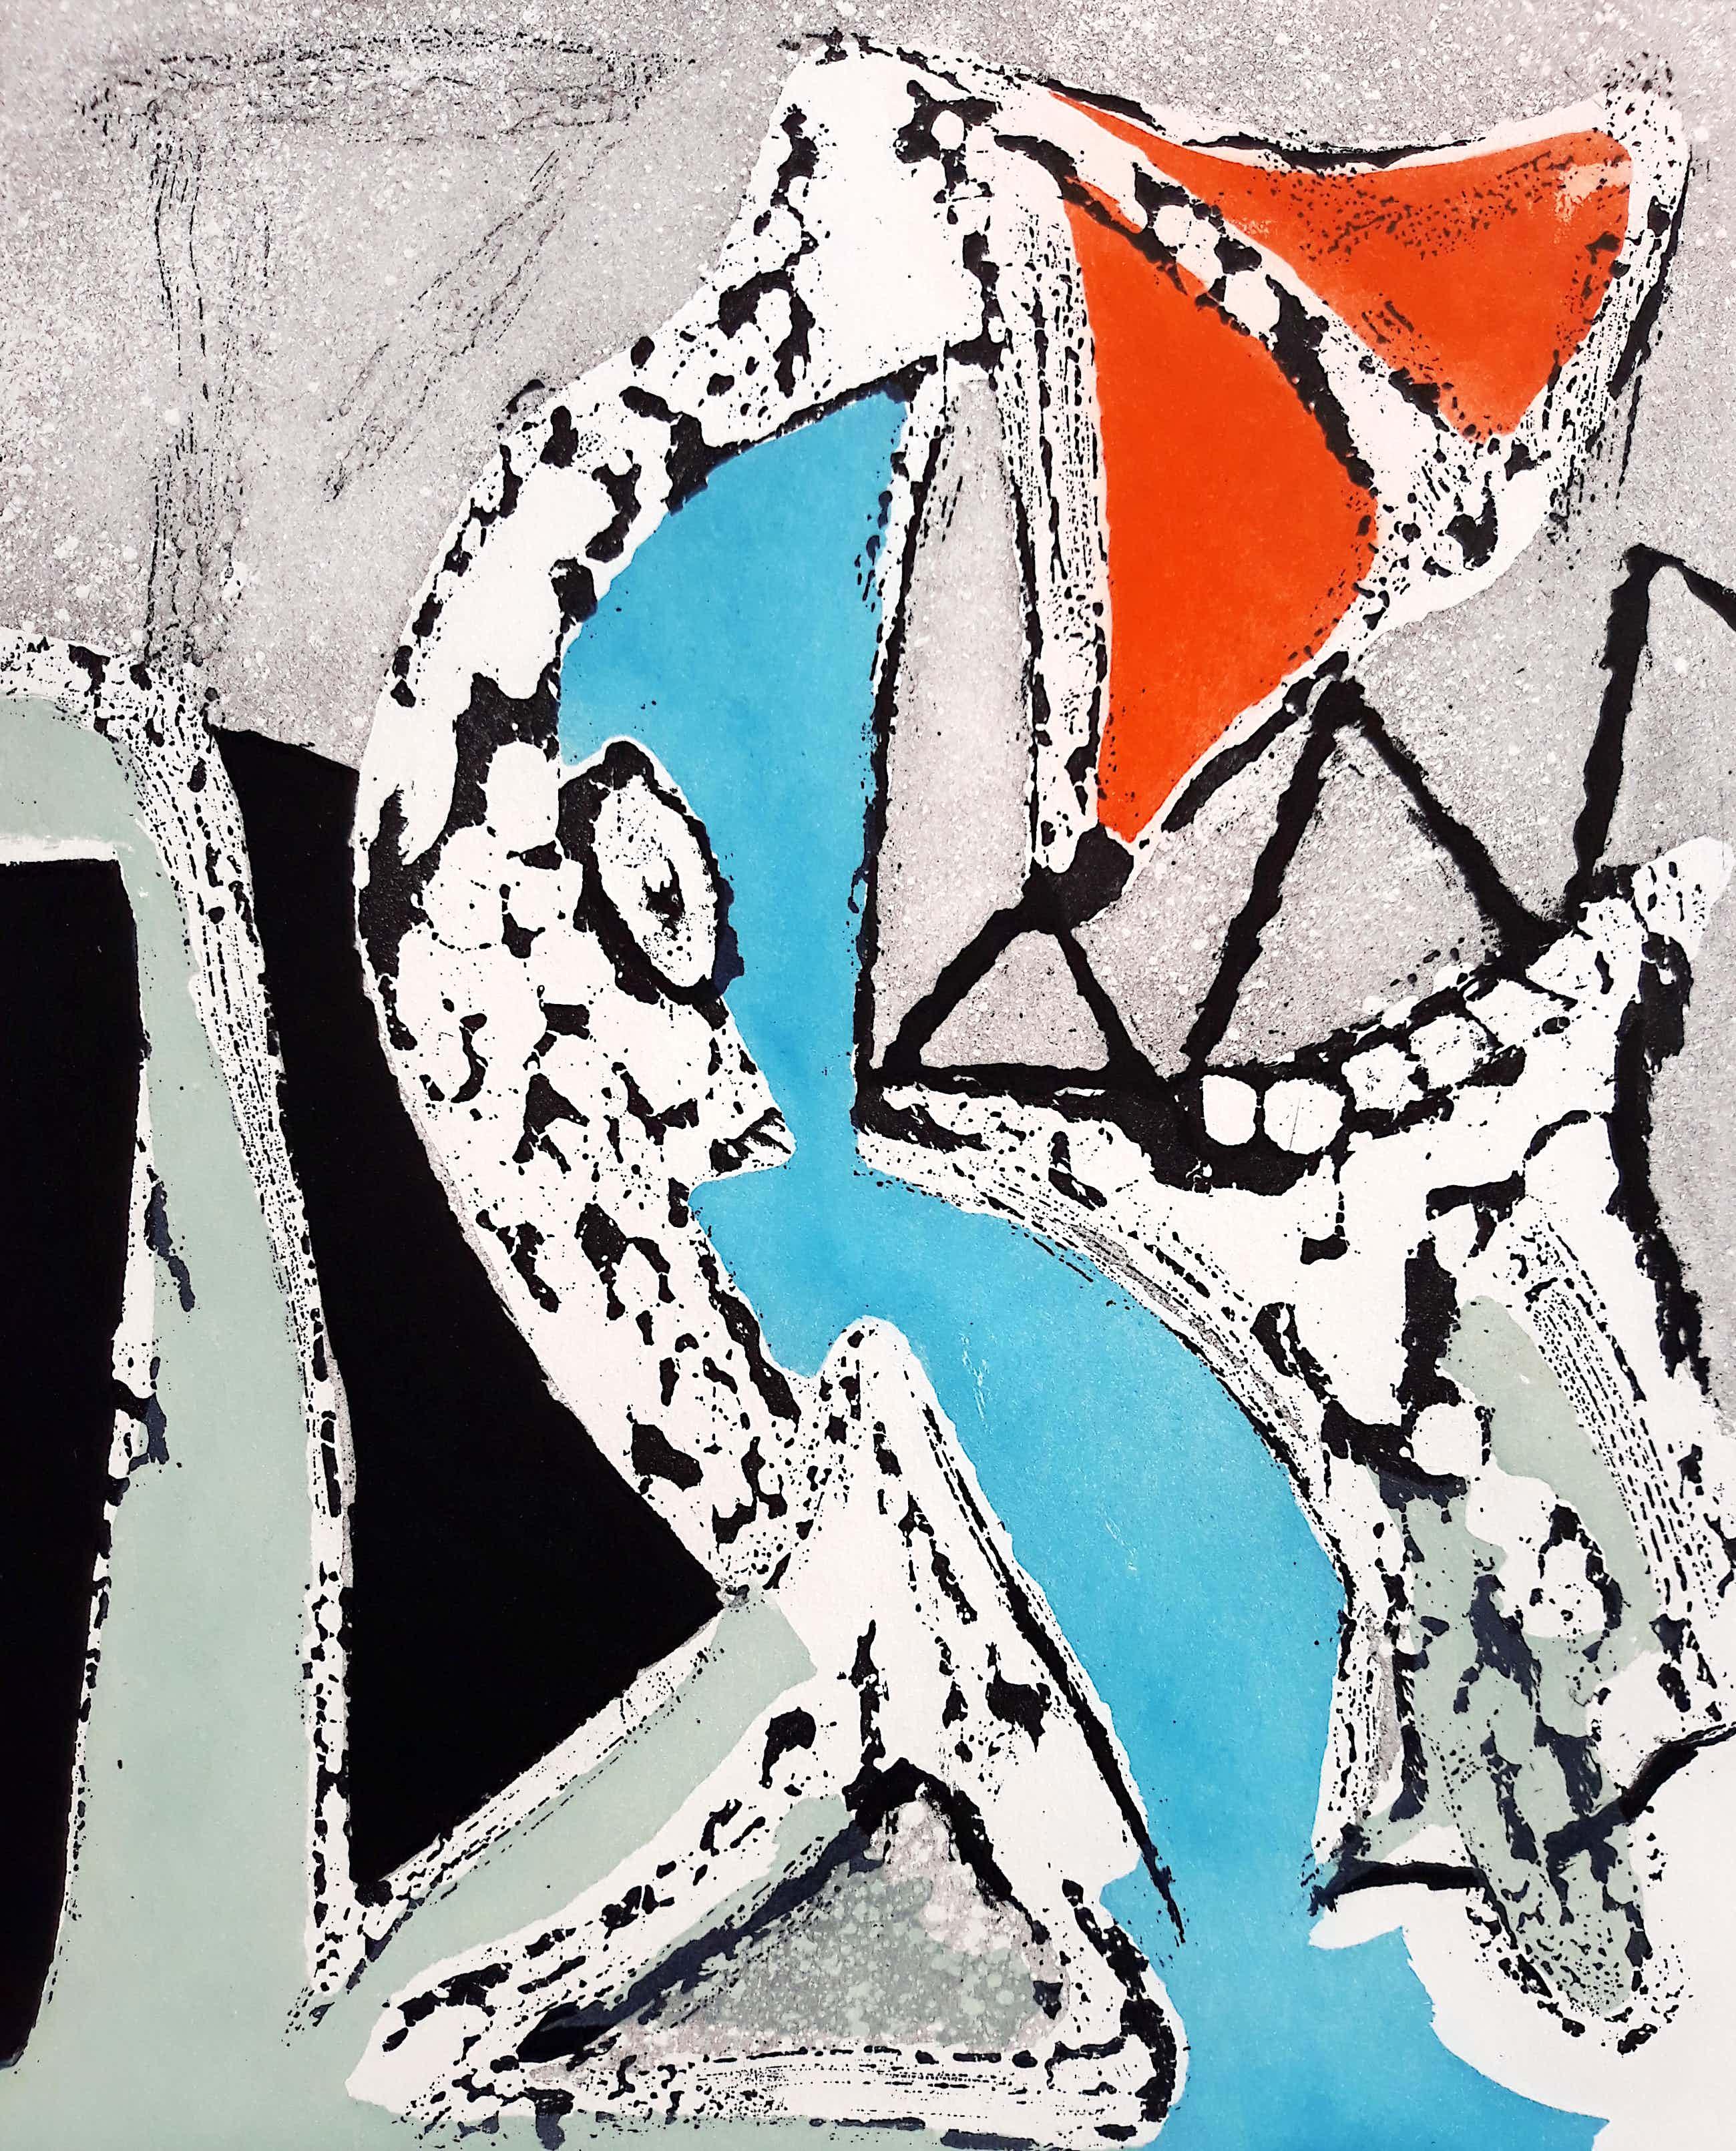 Martin Engelman - Abstracte compositie, aquatint ets kopen? Bied vanaf 60!